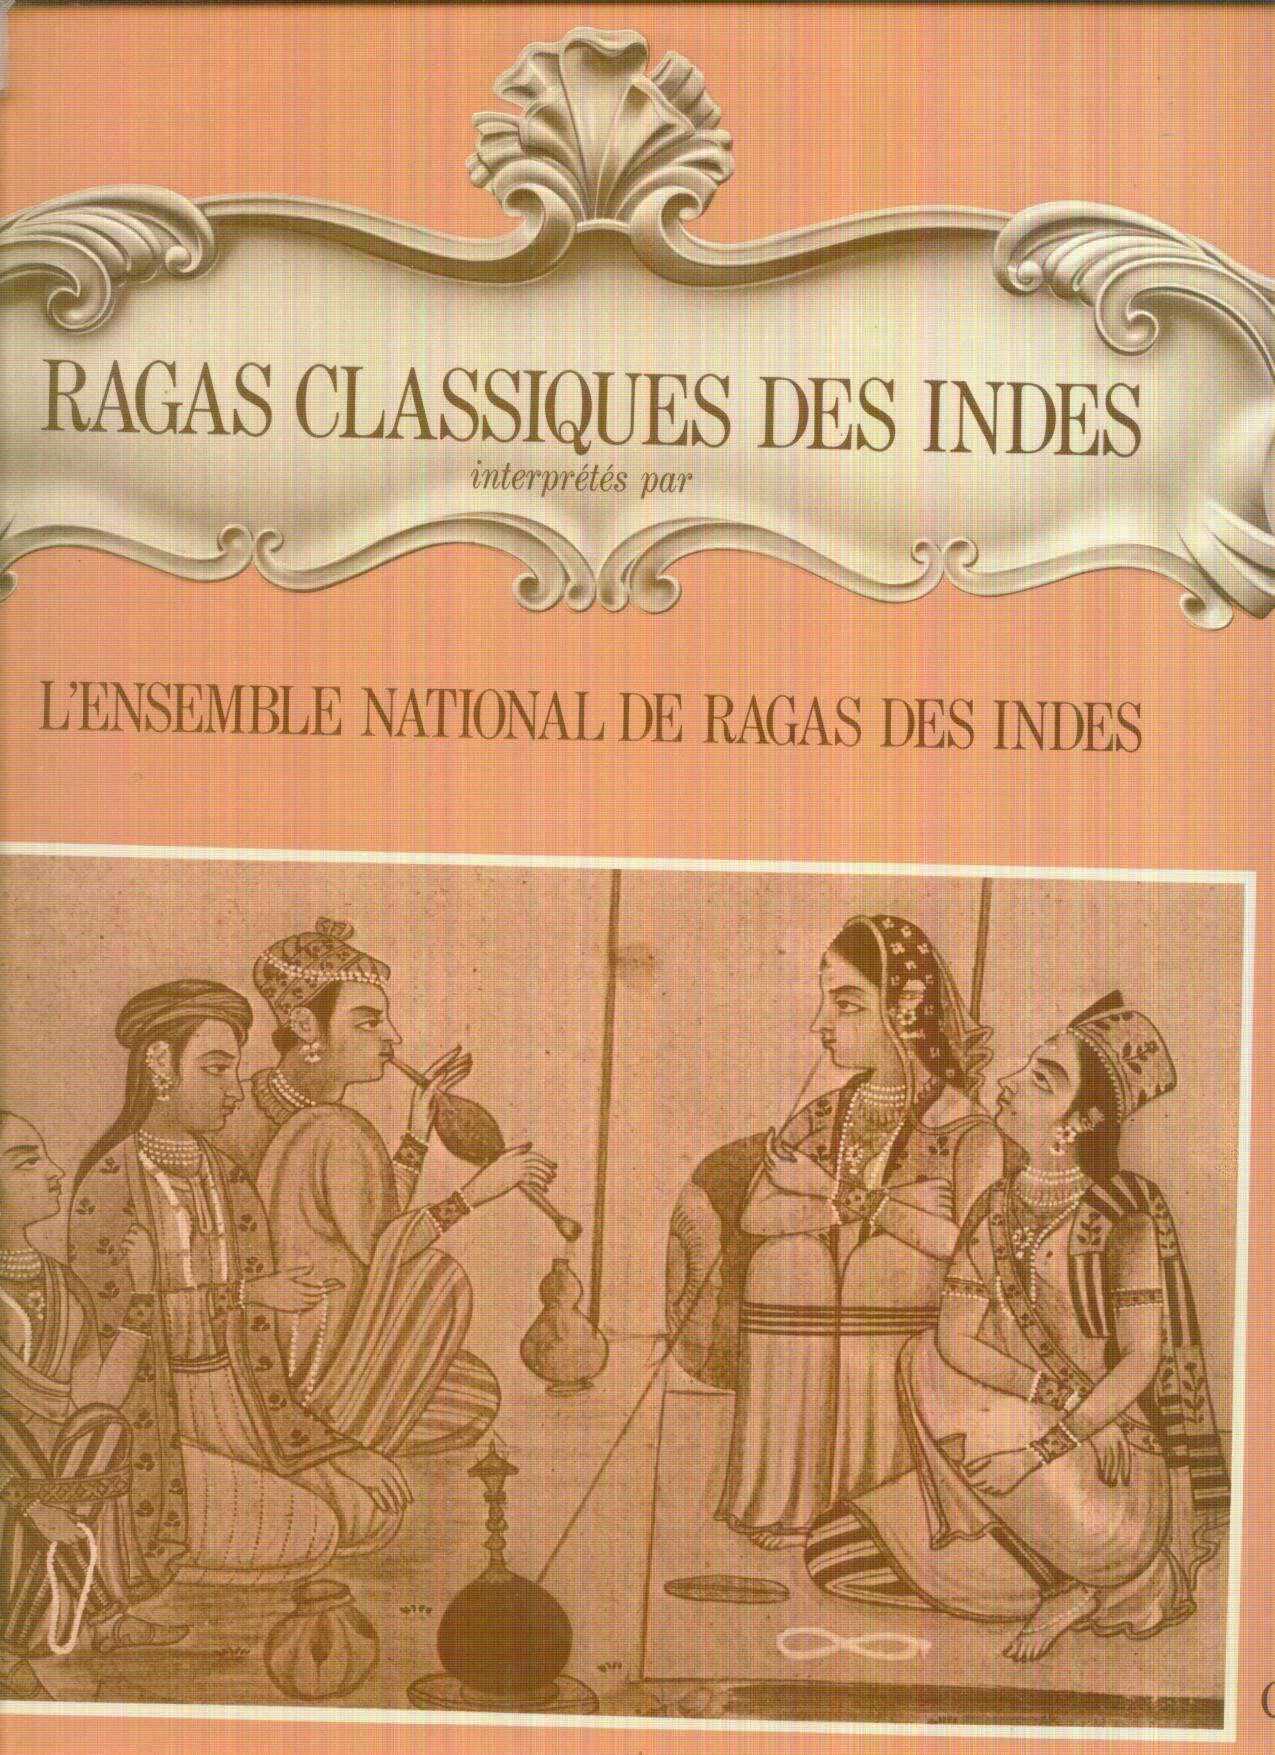 ENSEMBLE NATIONAL DE RAGAS DES INDES RAGAS CLASSIQUE DES INDES